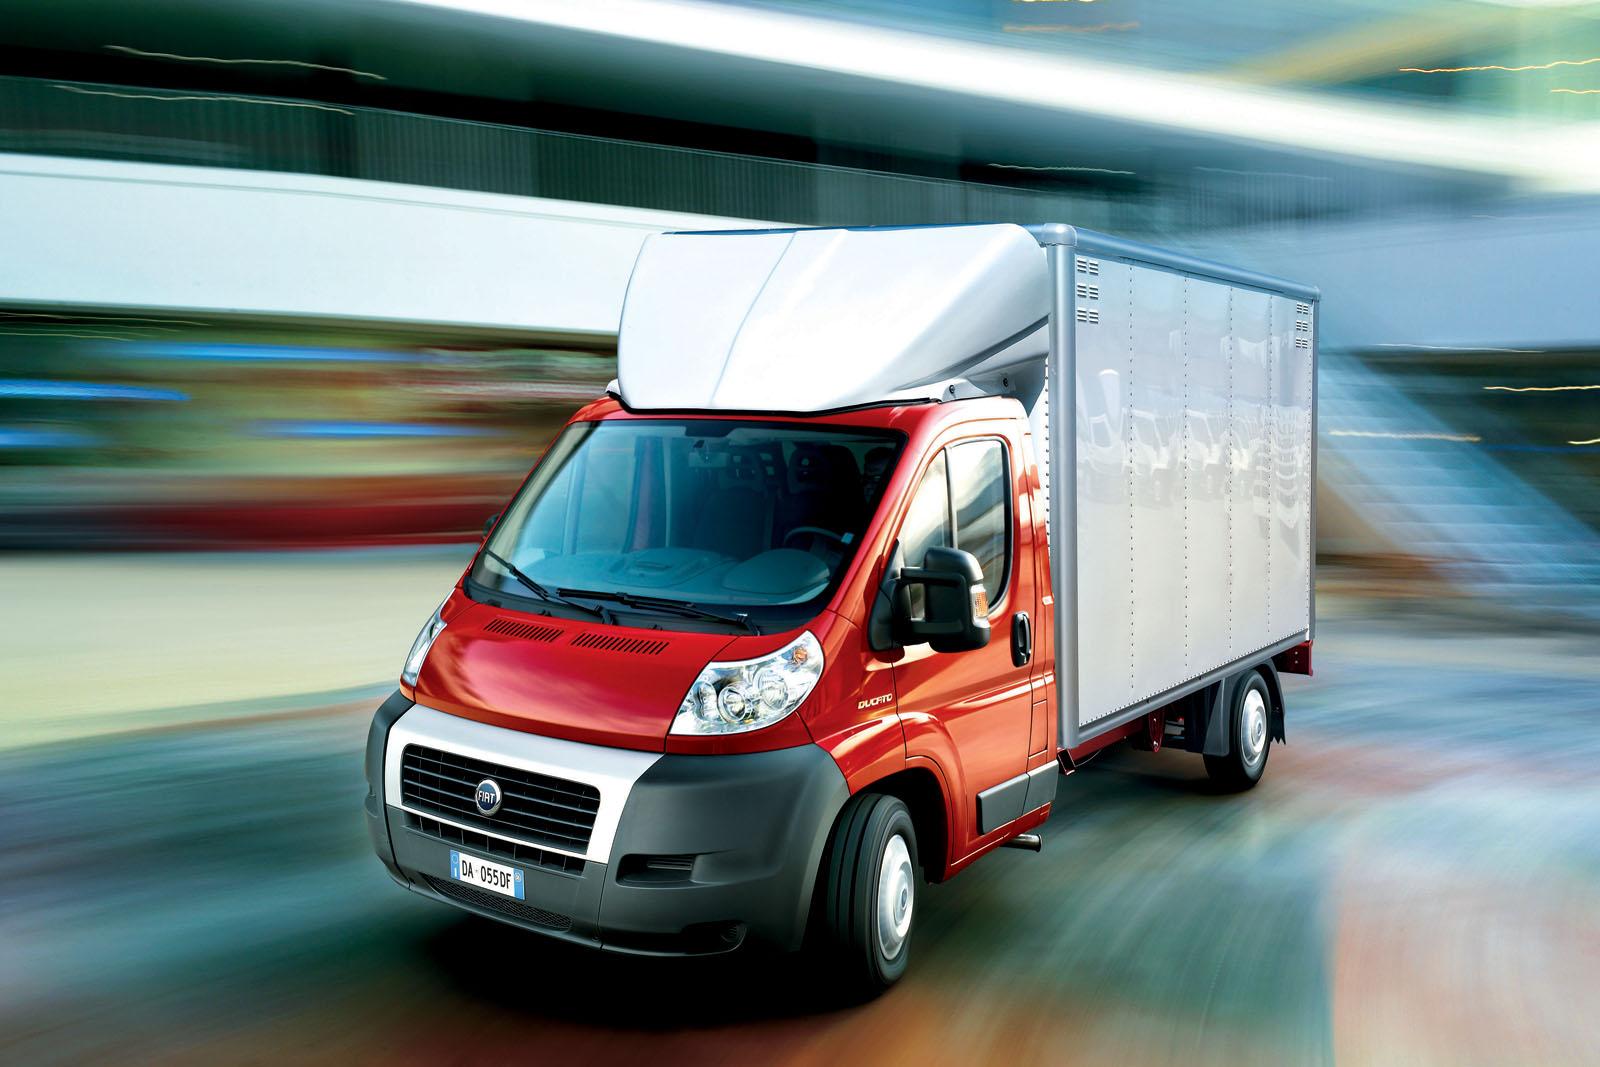 Выгодная доставка грузов по Москве: как удаленно найти машину